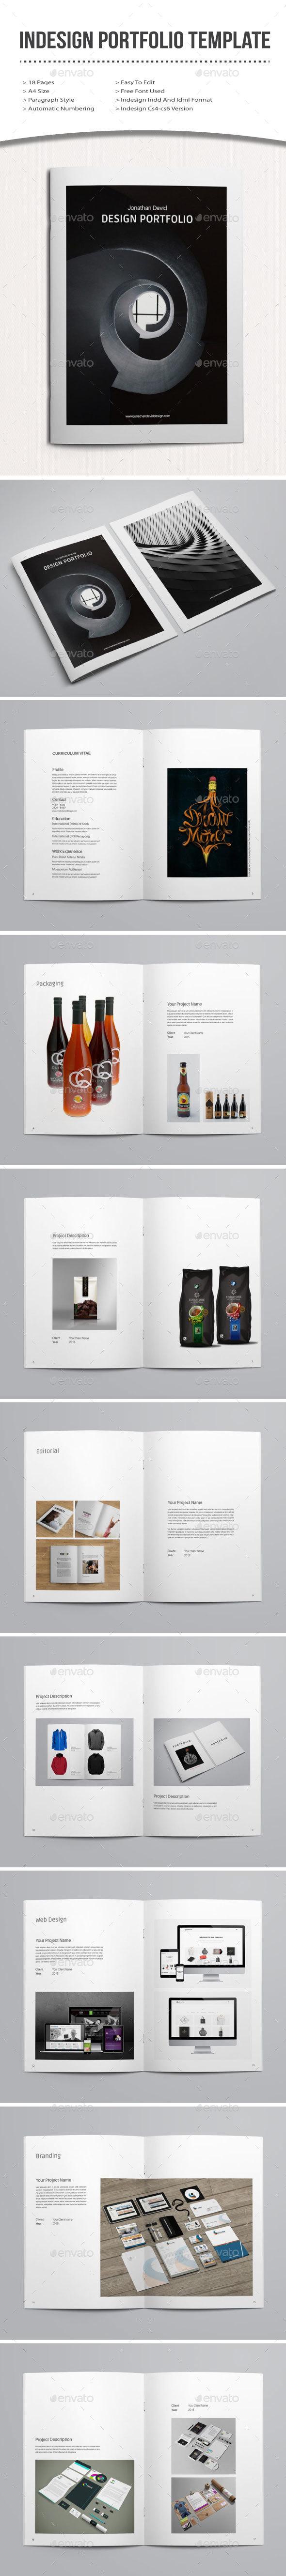 Indesign Portfolio Template - Portfolio Brochures